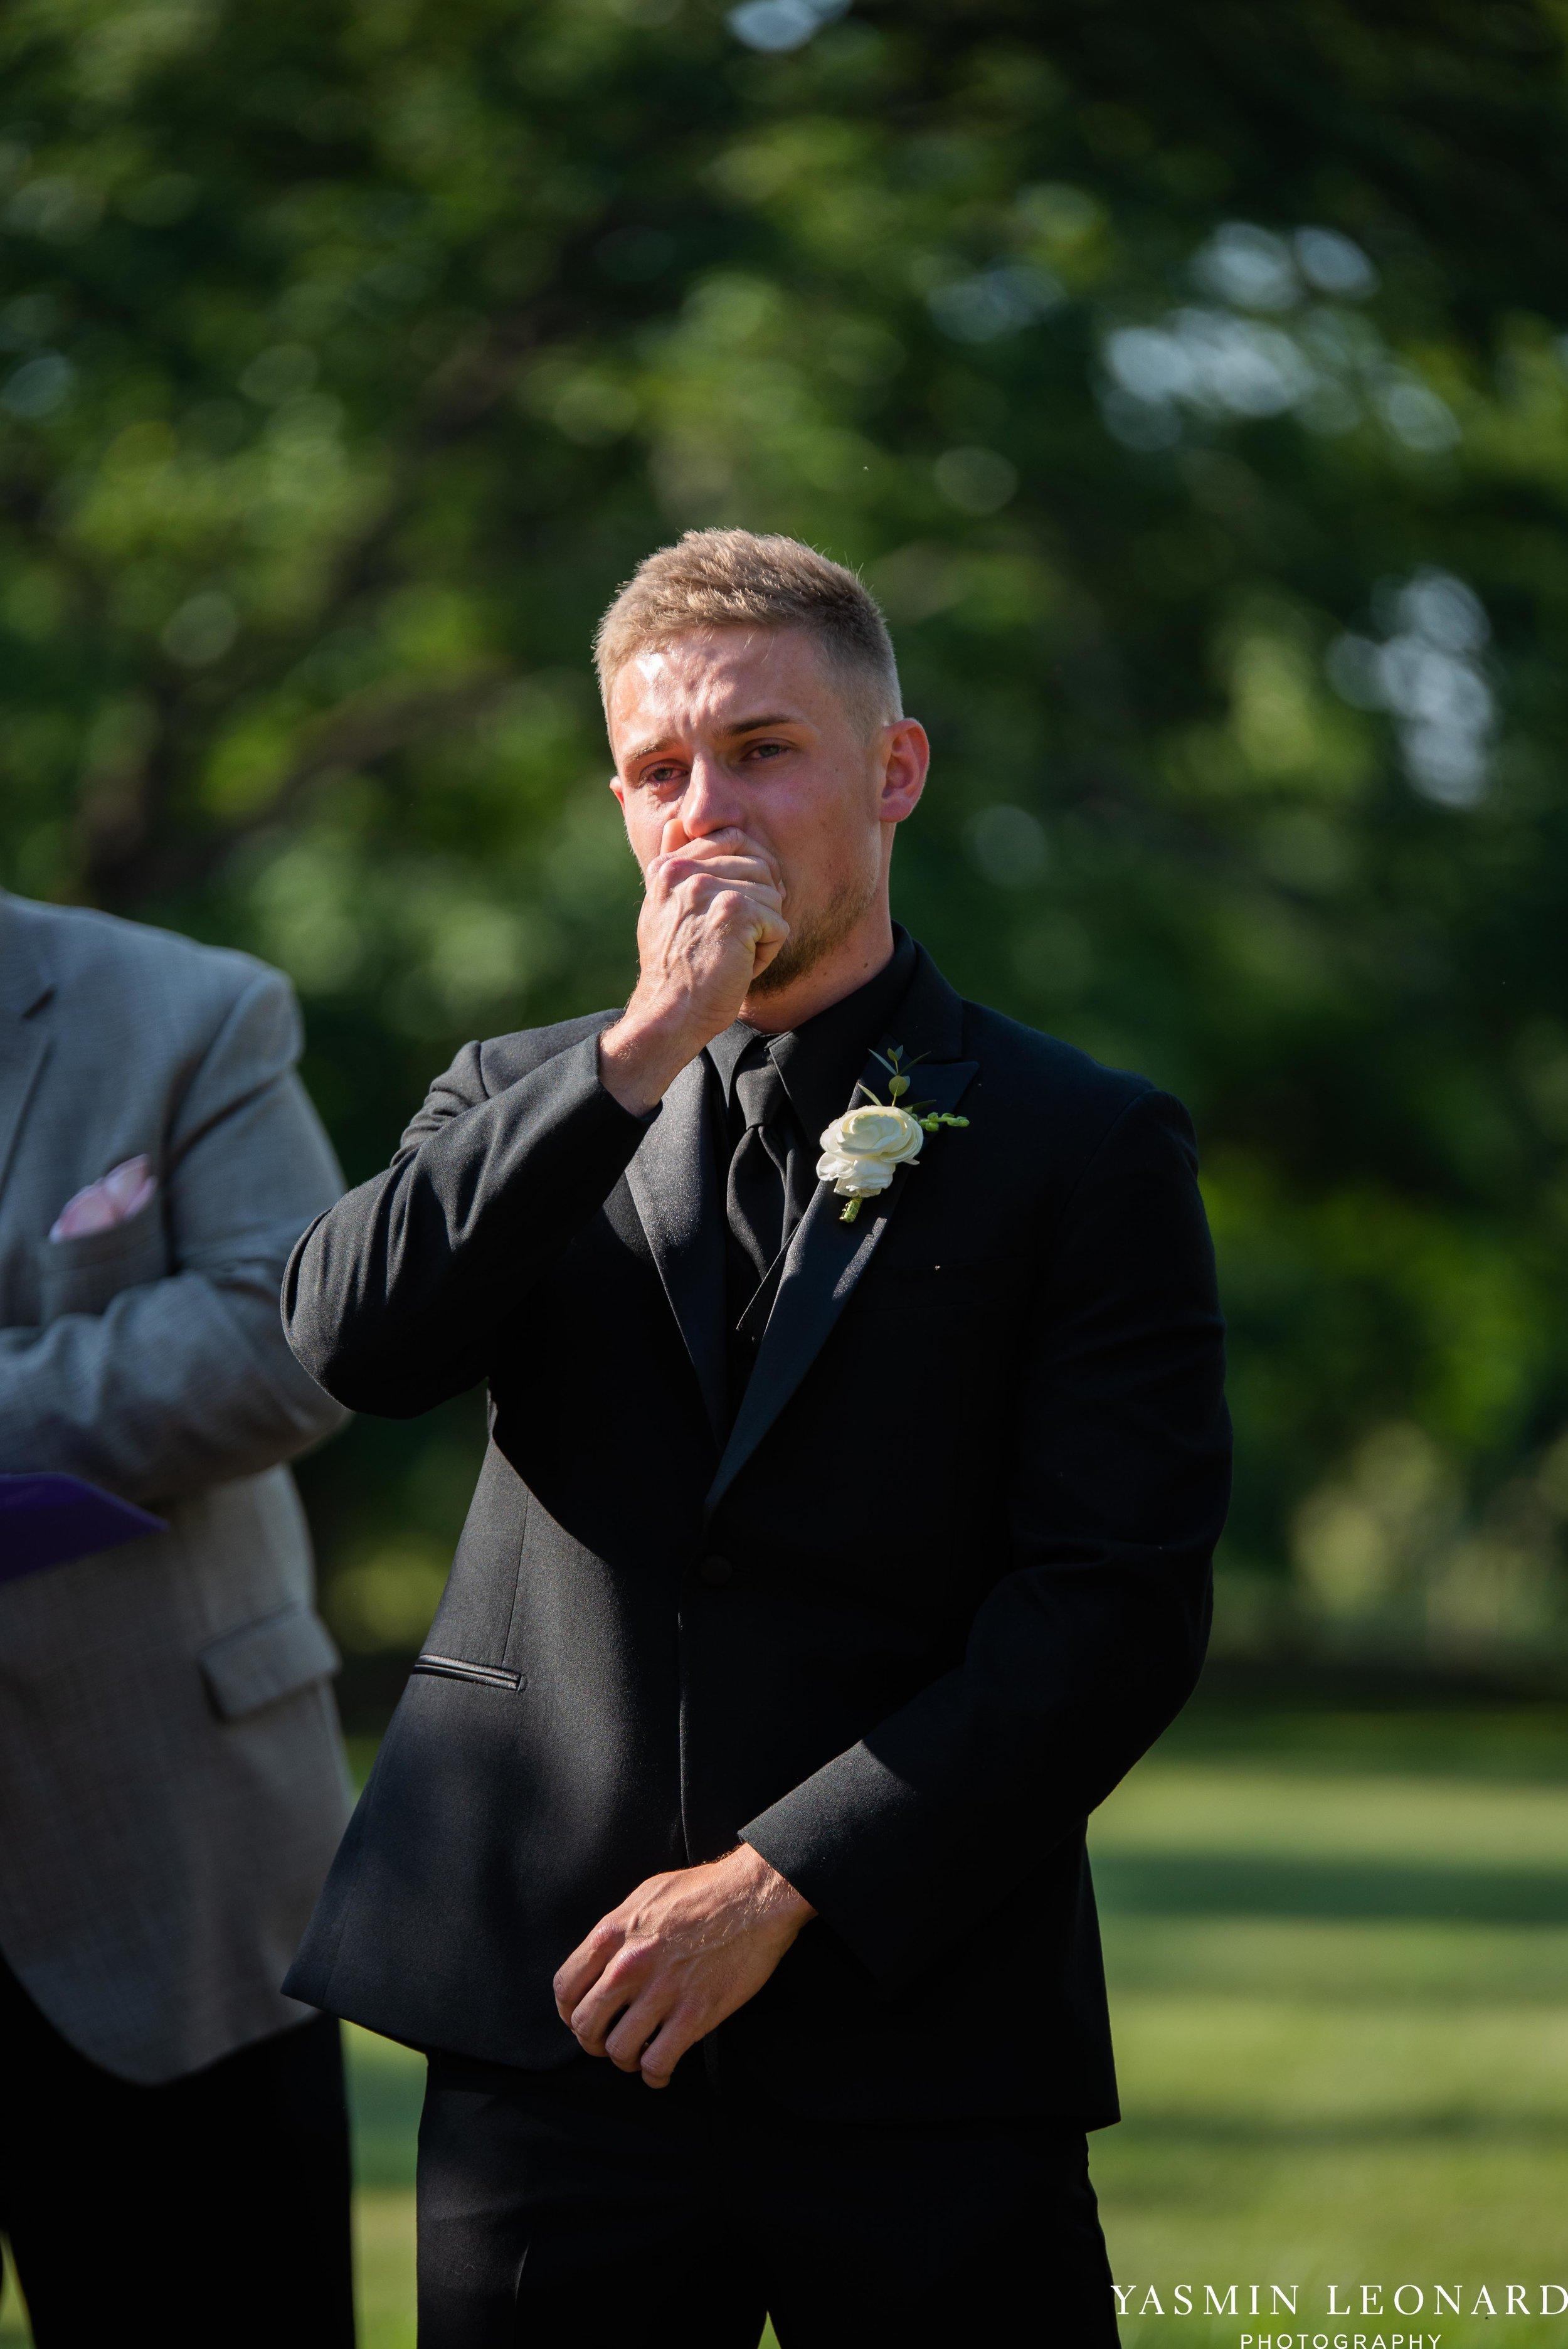 Boxwood Estate - Boxwood Estate Wedding - Luxury Wedding - Black and White Wedding - NC Wedding Venues - NC Weddings - NC Photographer - Lantern Release Grand Exit - Large Wedding Party - Yasmin Leonard Photography-26.jpg